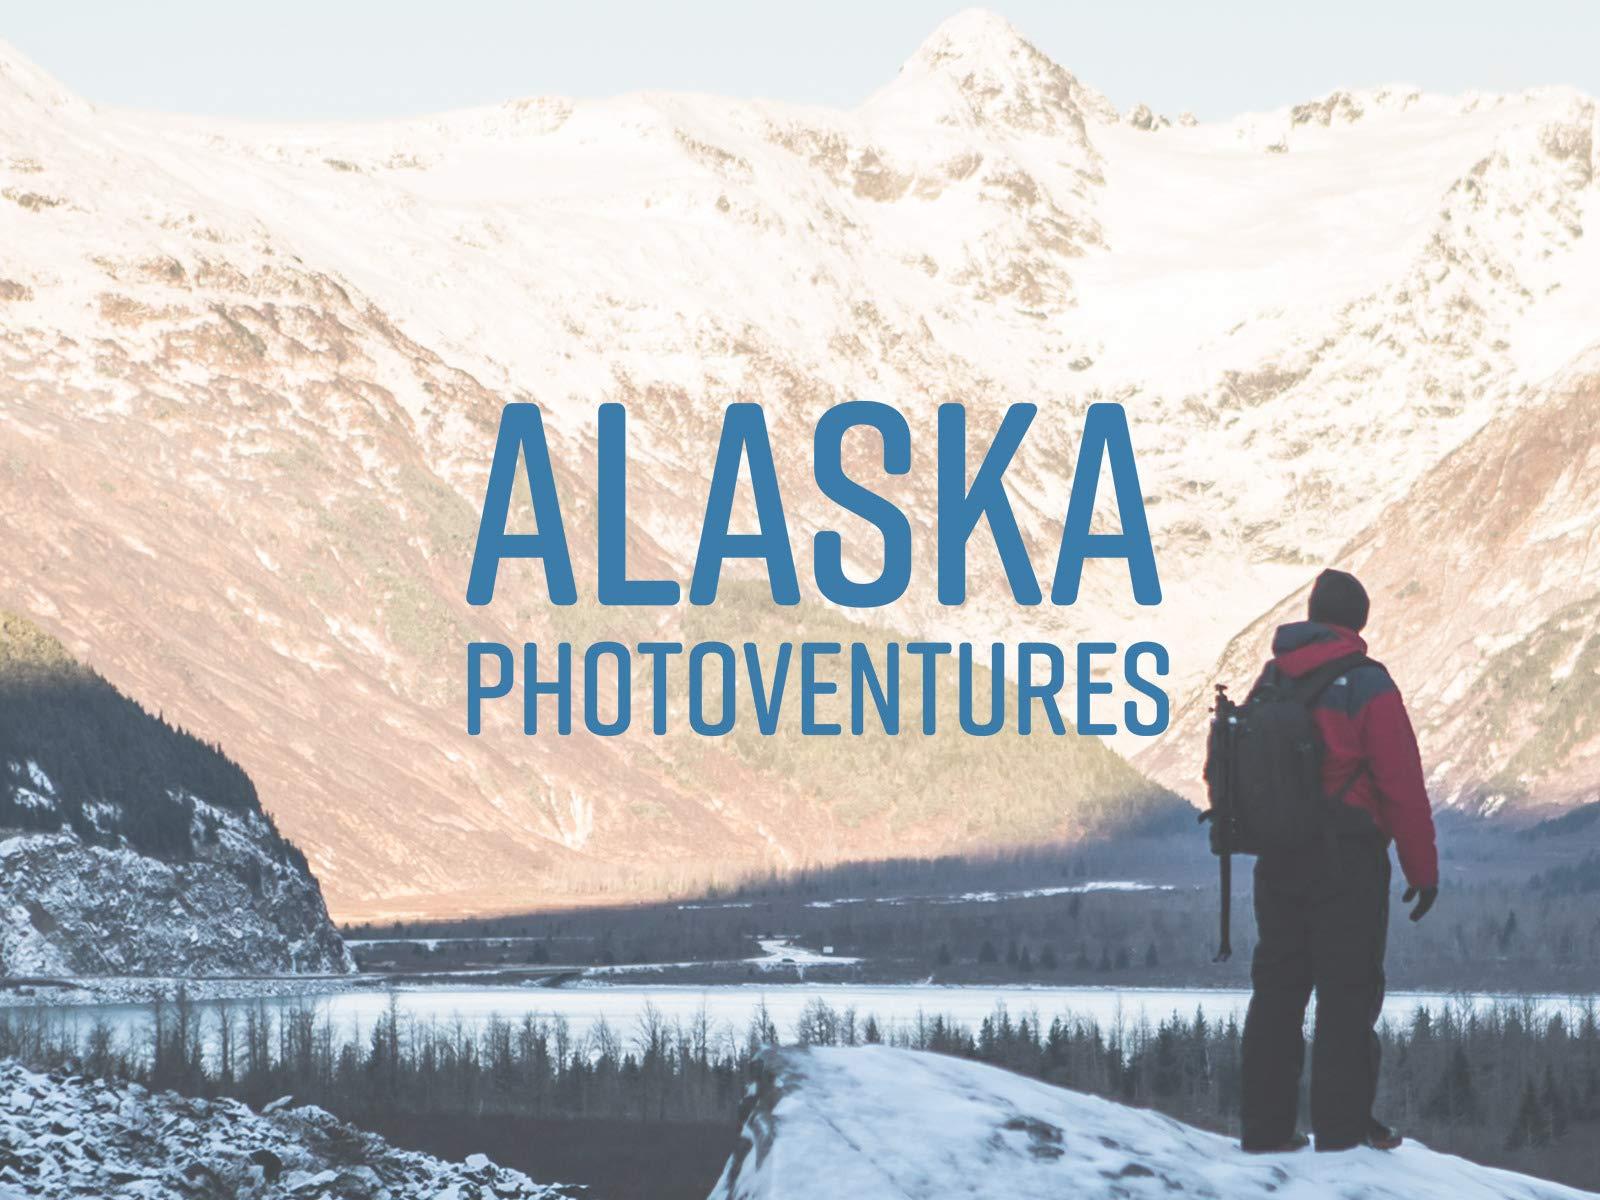 Alaska Photoventures - Season 1